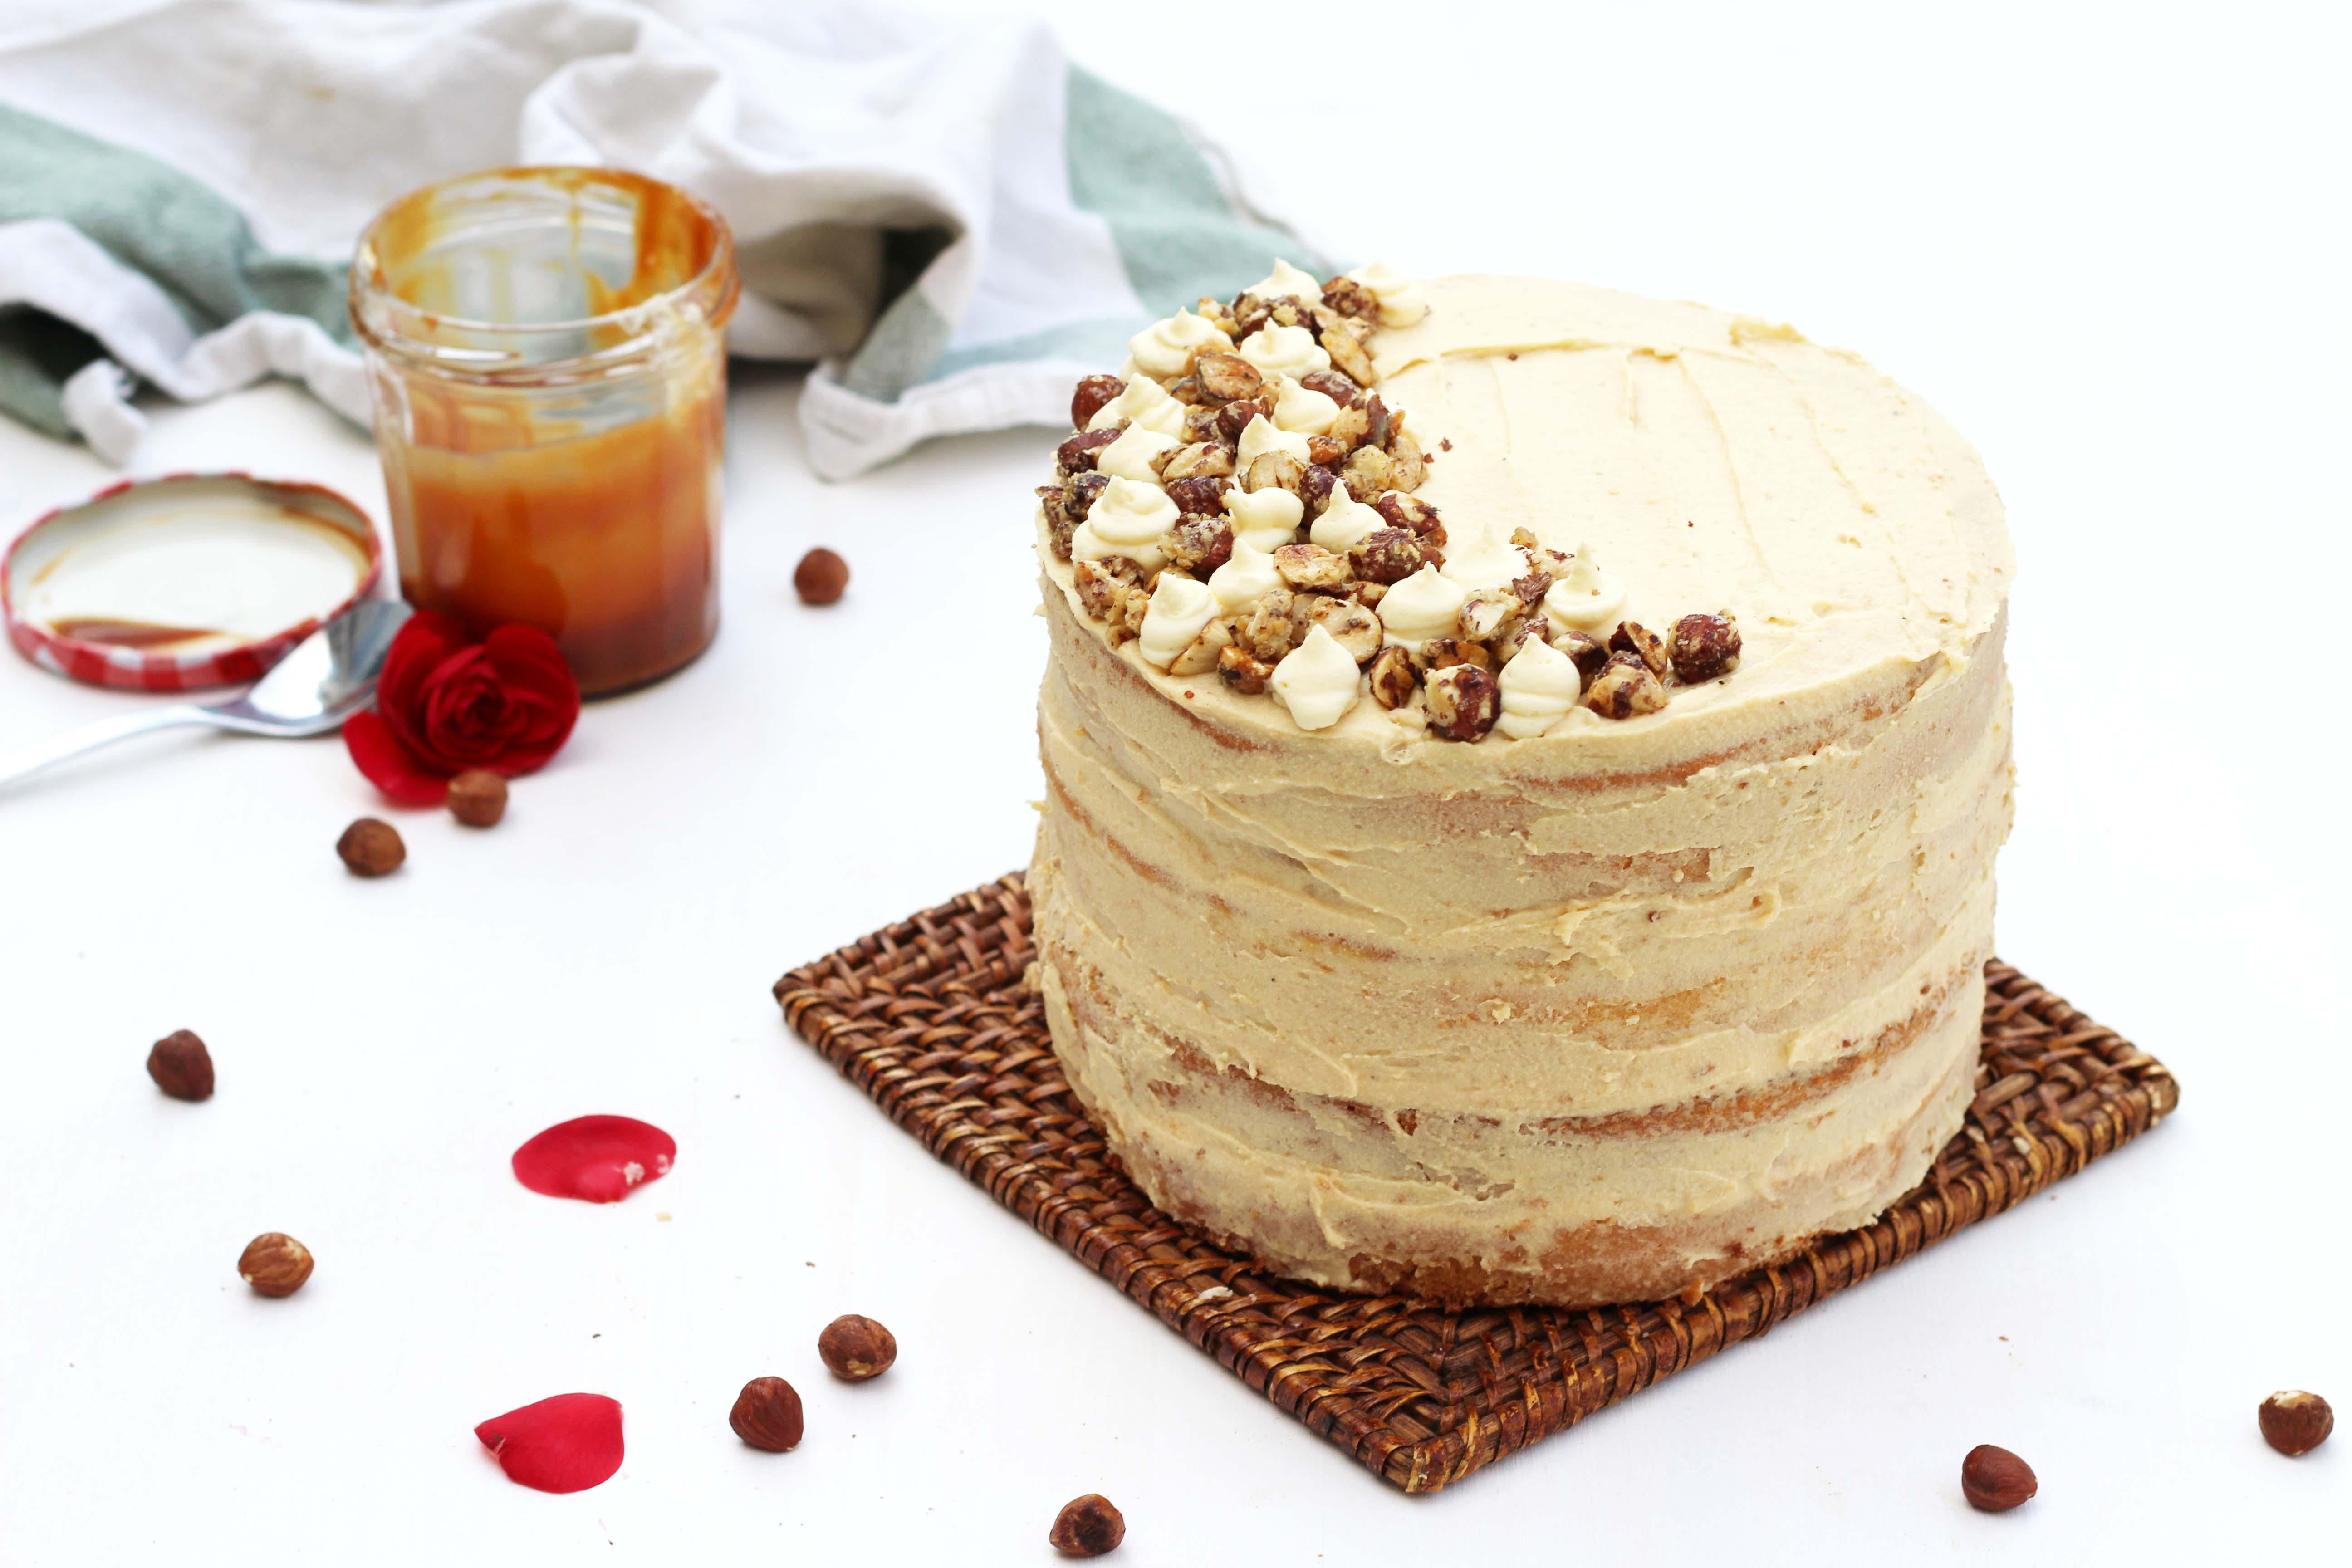 Lolocake (où quand tu laisses une amie donner un nom à ton layer cake au caramel au beurre salé)